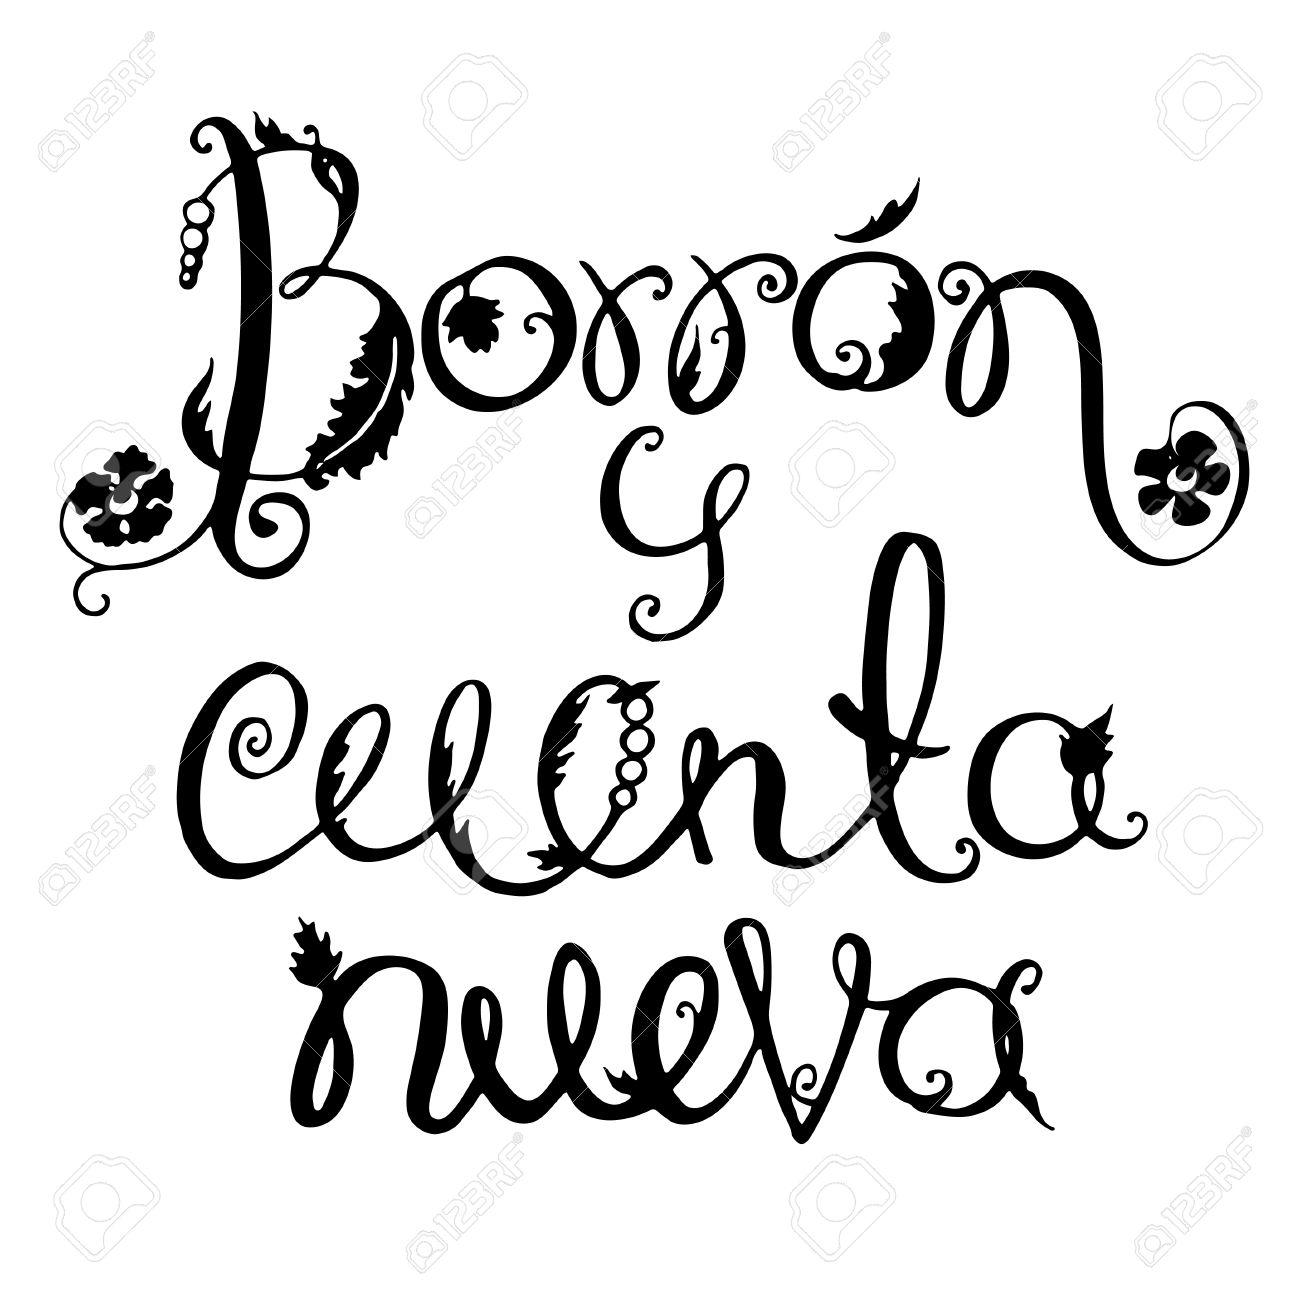 Frase En Español Borron Y Cuenta Nueva Letras De La Frase Española De Motivación Ilustración Vectorial